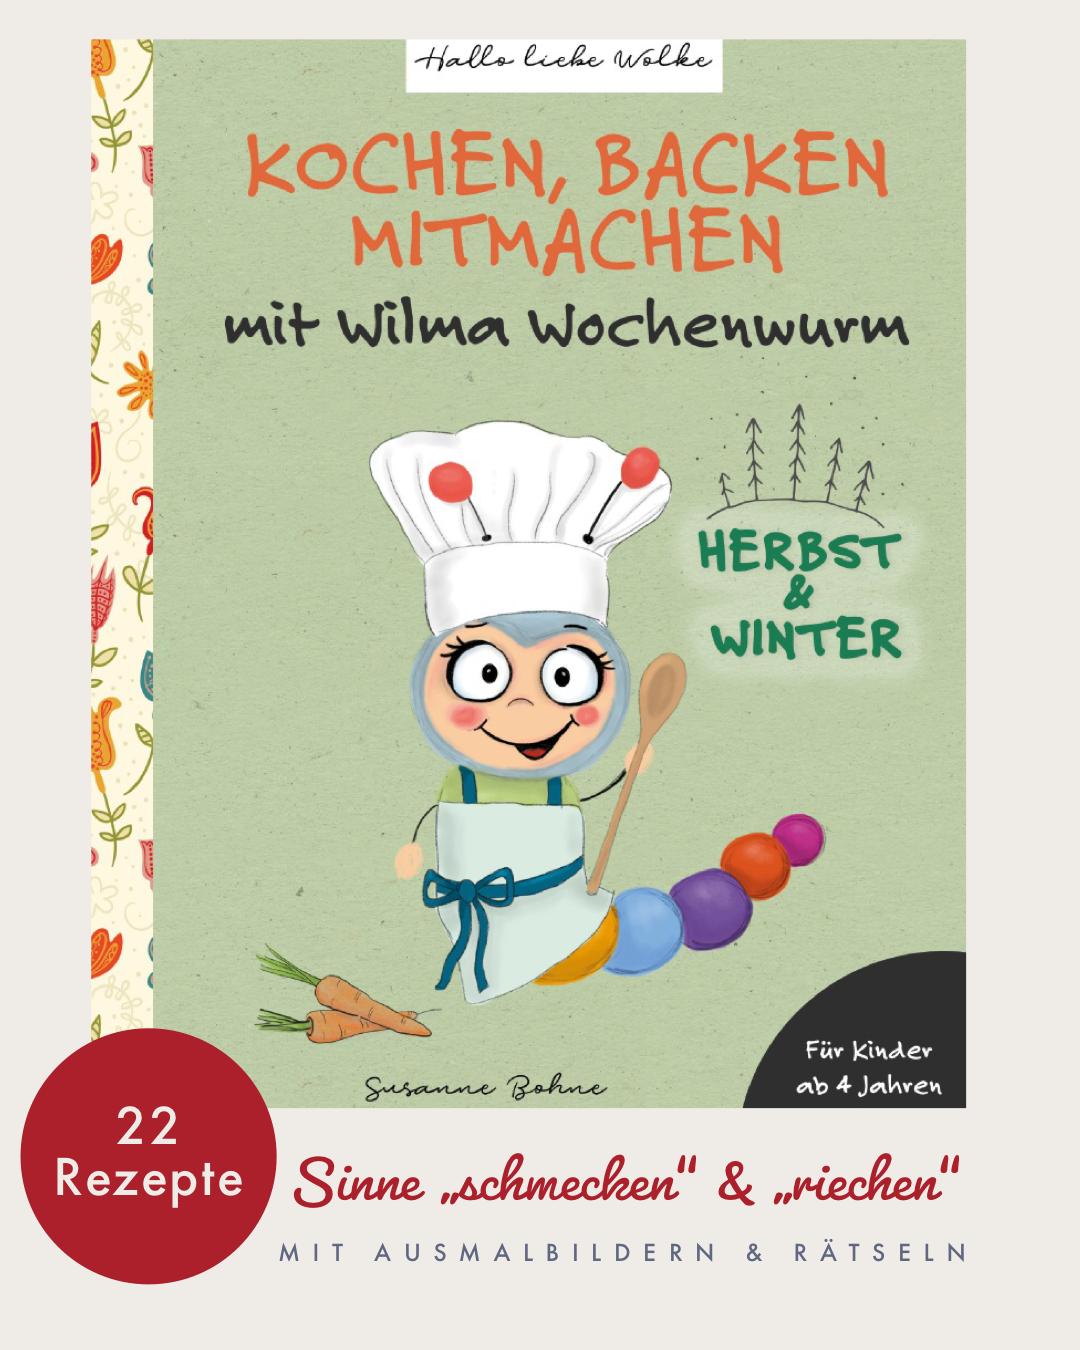 Kochen backen mitmachen mit Wilma Wochenwurm Herbst und Winter Kinderkochbuch